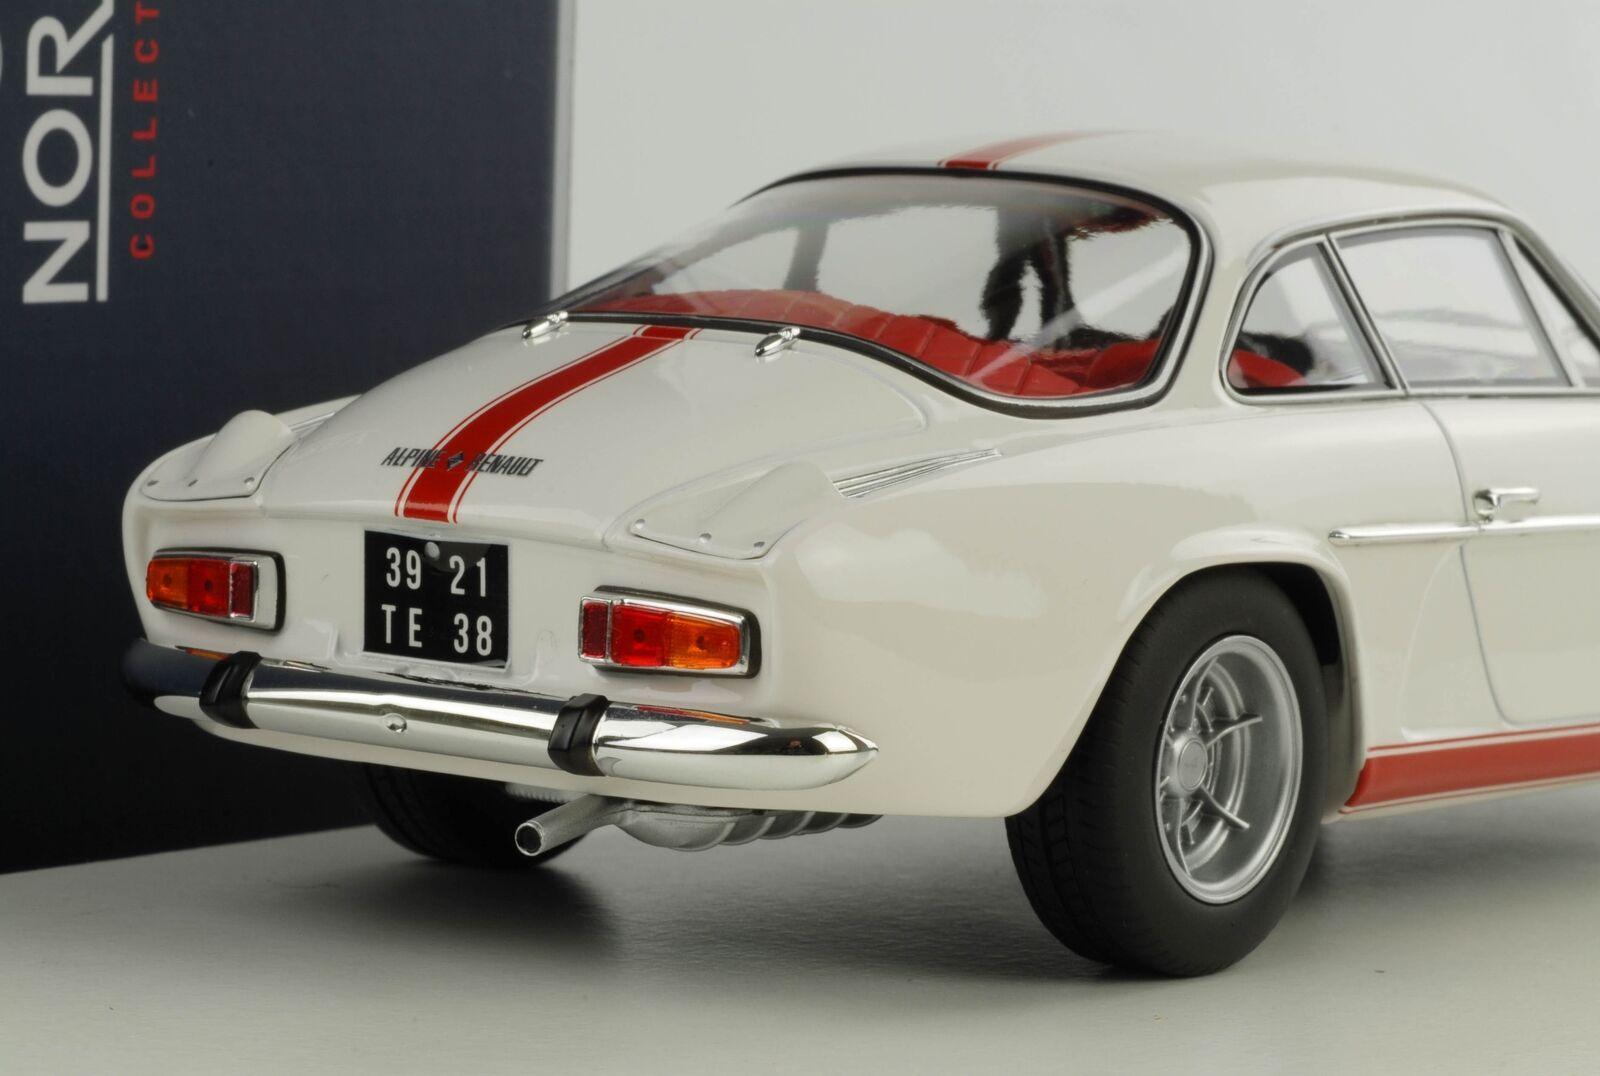 RENAULT Alpine 1600s a110 1971 bianco con con con strisce rosso 1 18 NOREV 185303 23db90